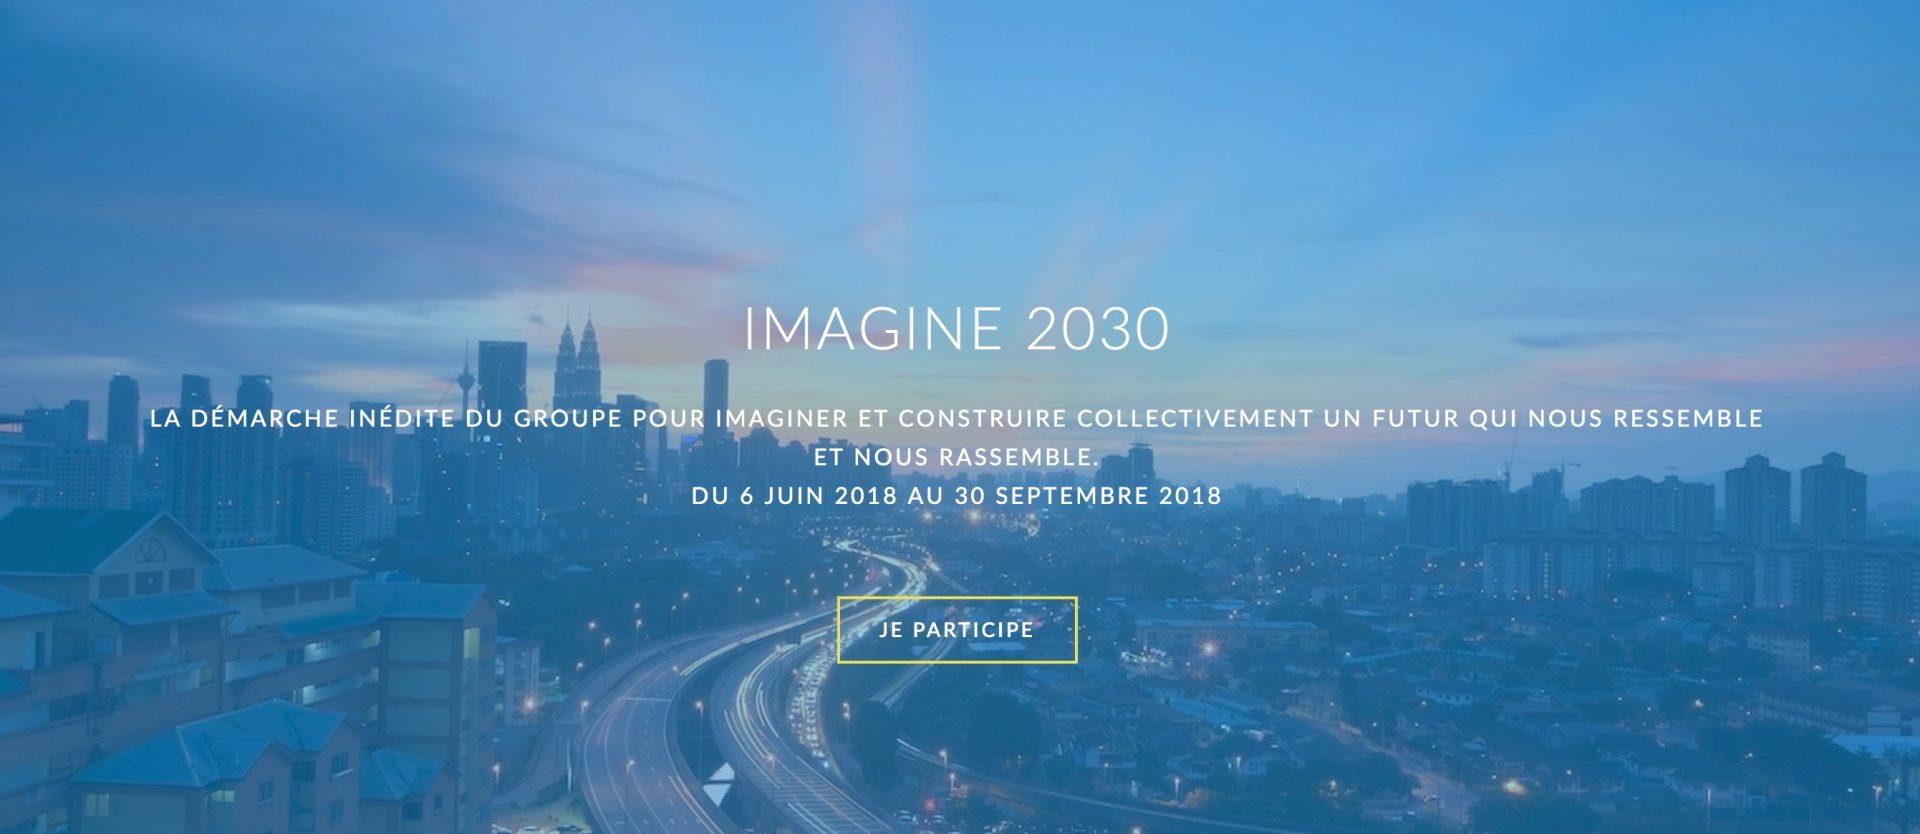 imagine 2030 engie